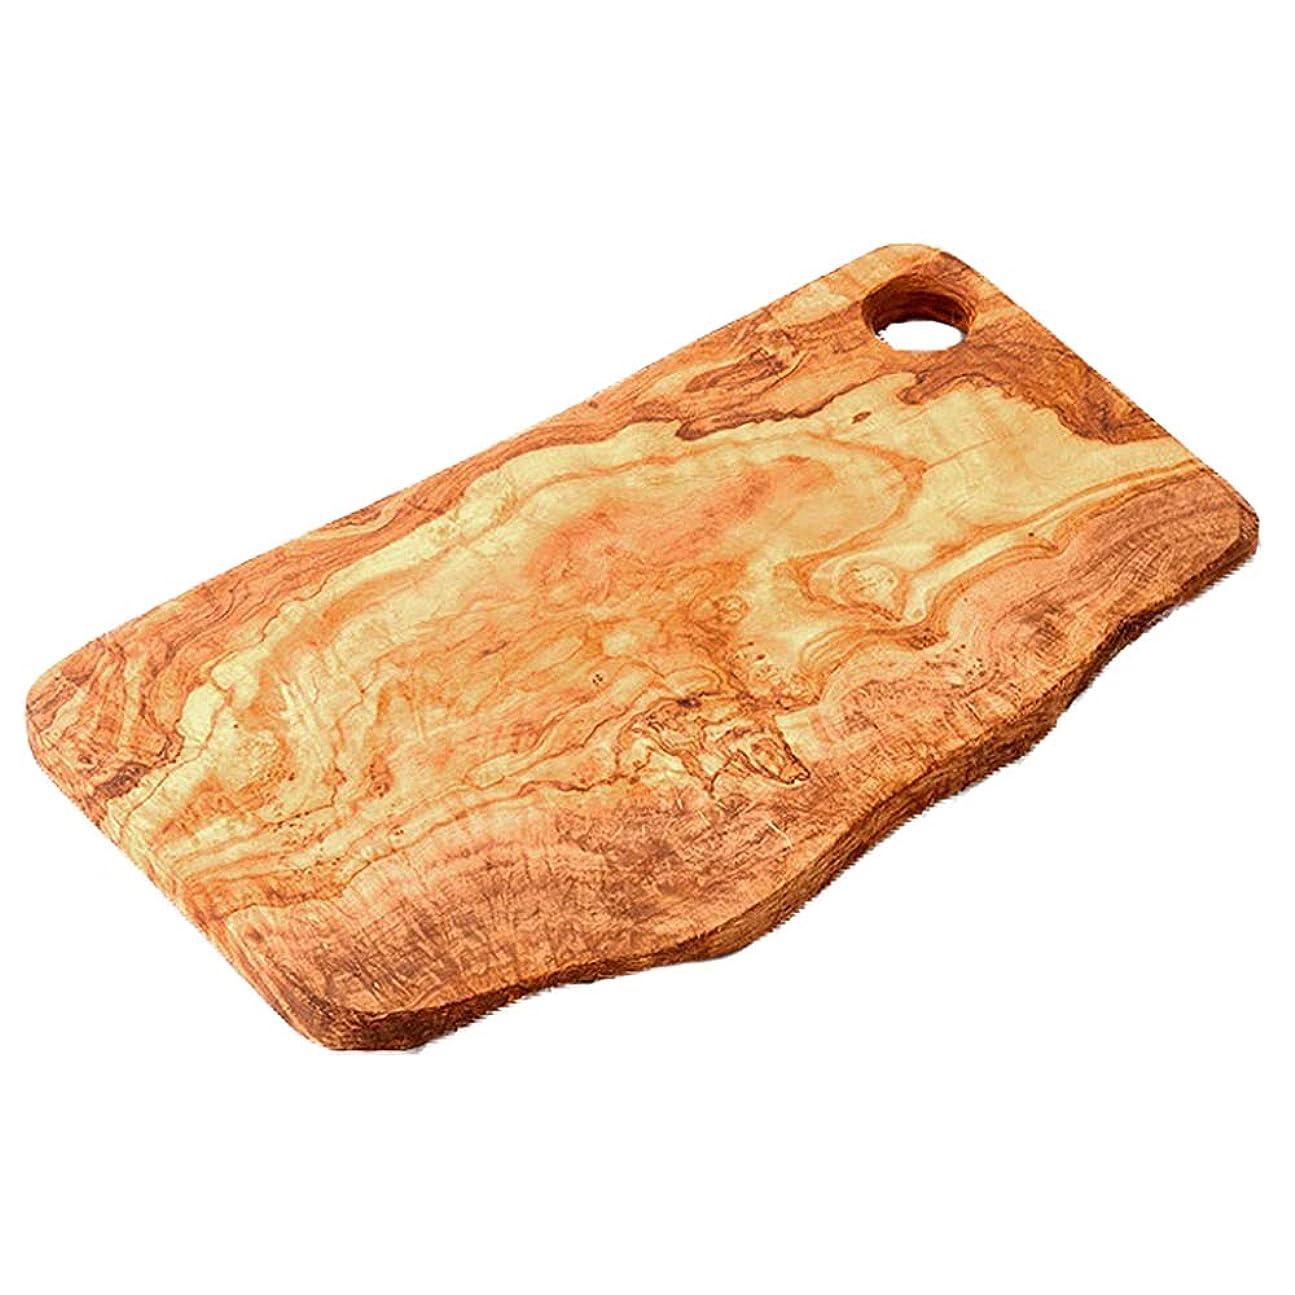 ツイン区別する地質学ナチュラルカッティングボード(まな板) オリーブウッド Arte Legno